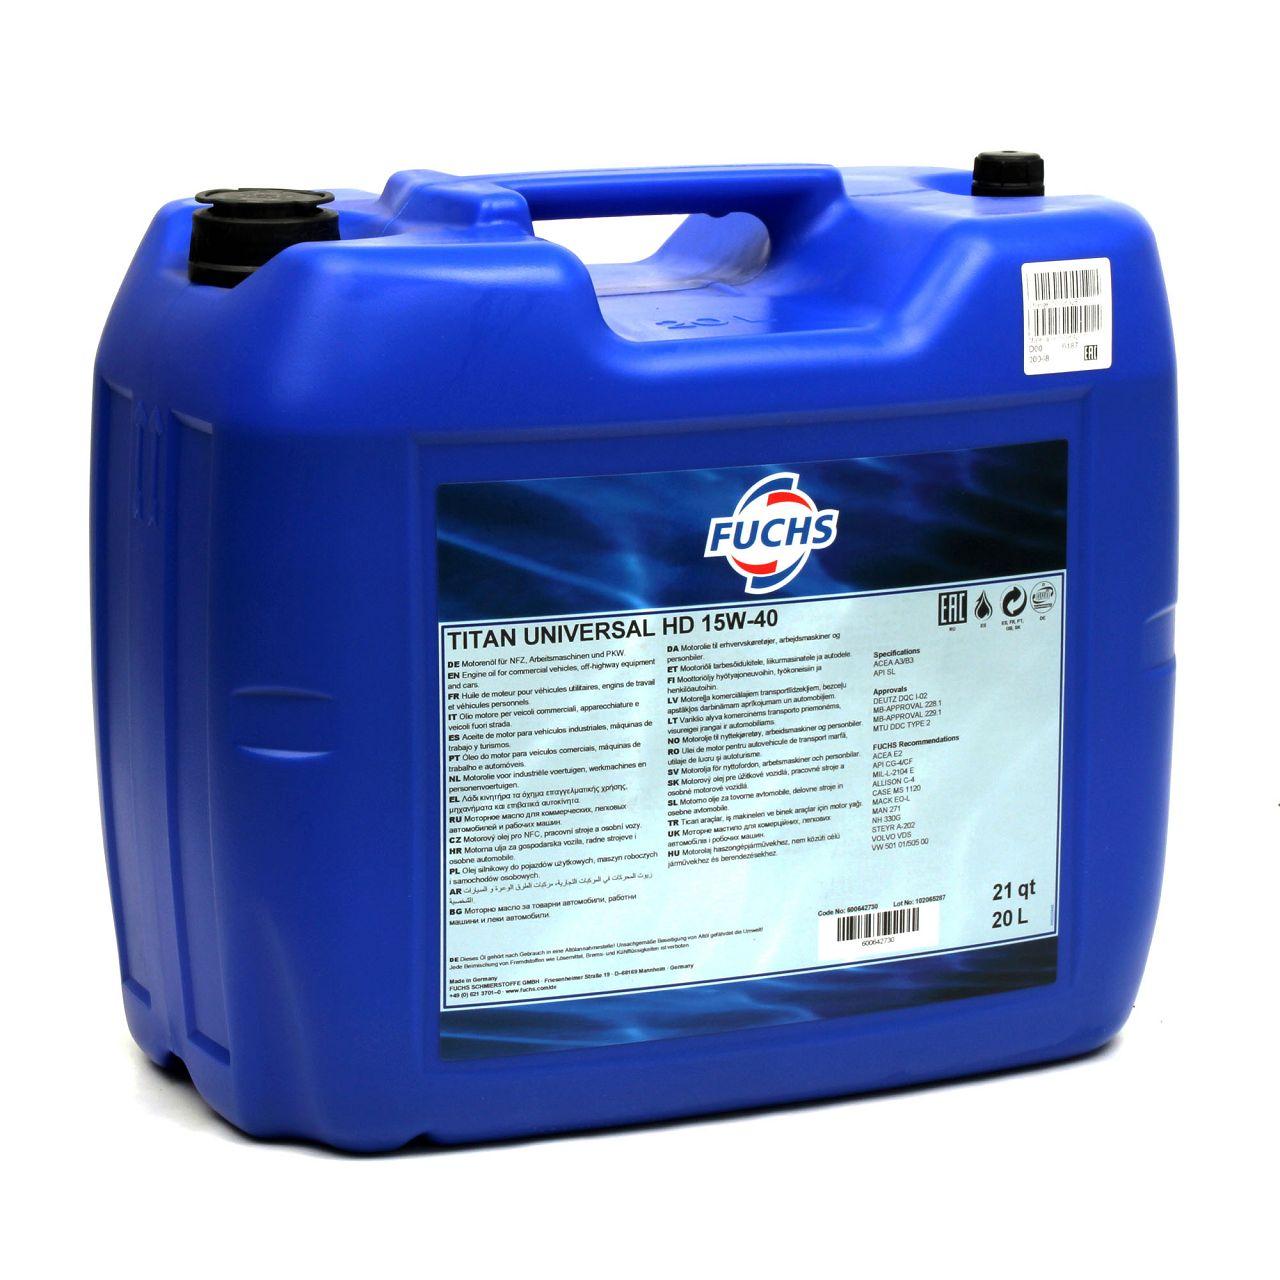 FUCHS Motoröl Öl TITAN UNIVERSAL HD ACEA A3/B3/B4 15W-40 15W40 20 L 20 Liter